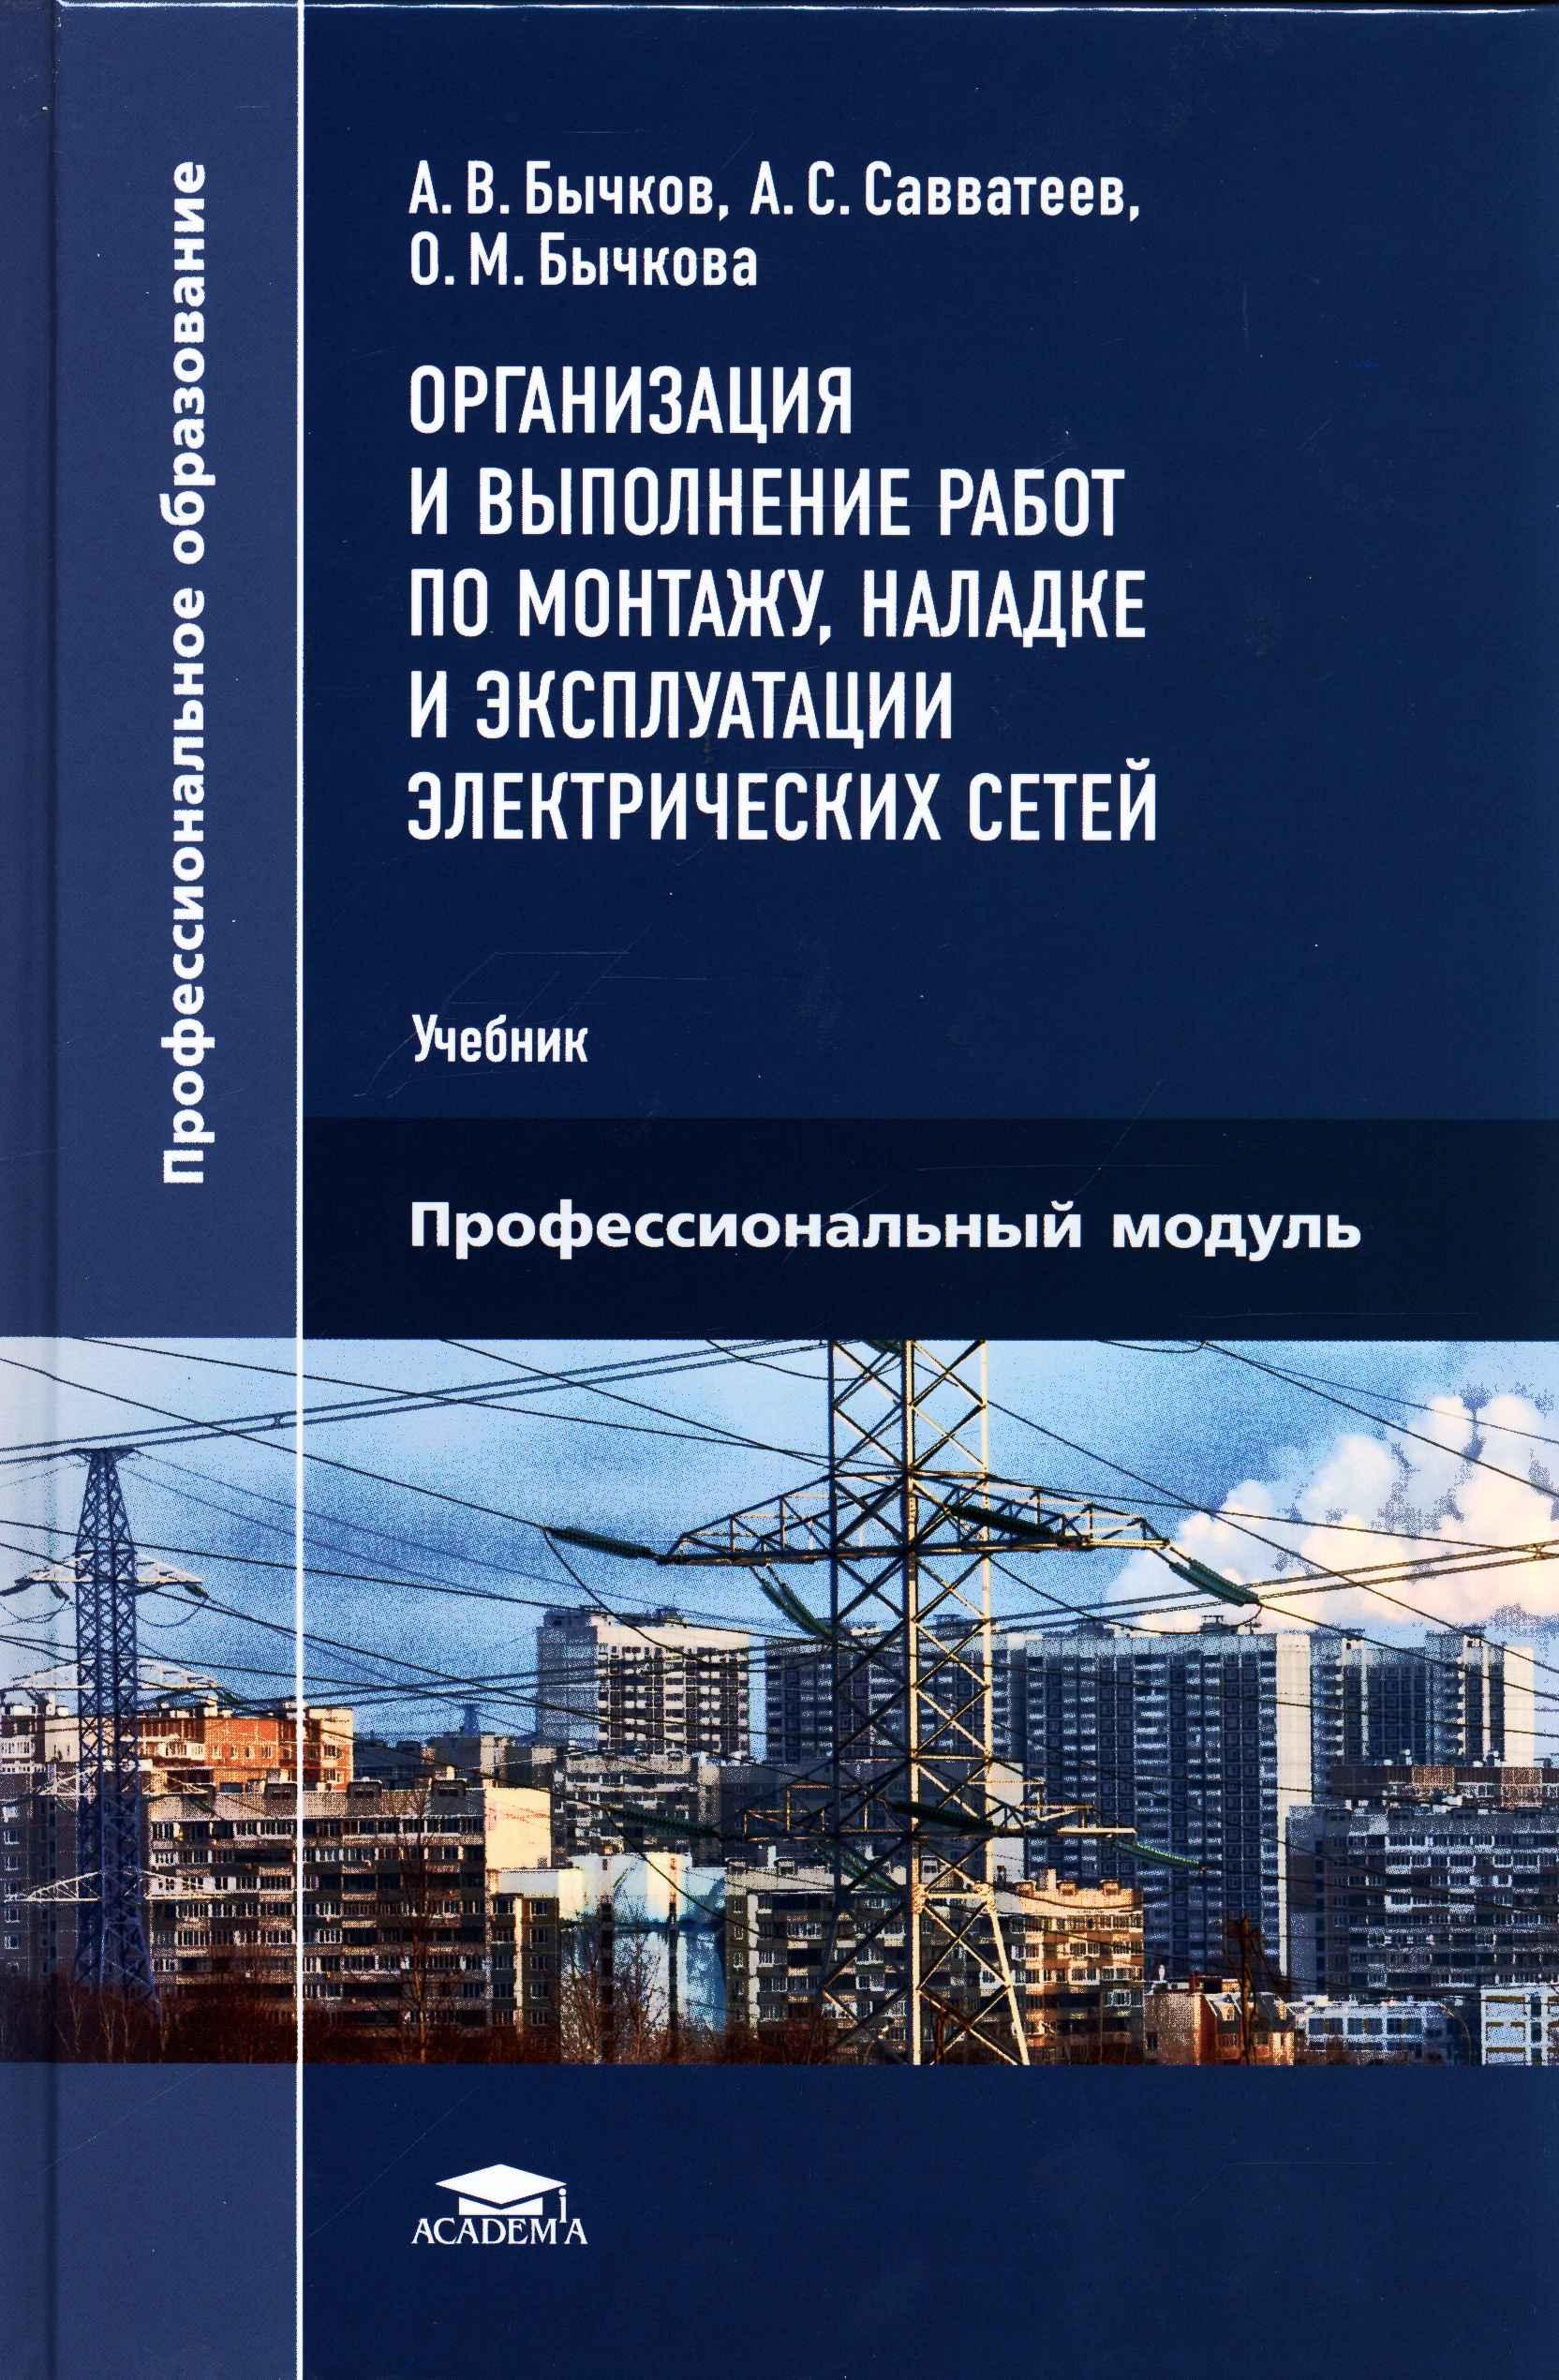 Java Concurrency на практике : [перевод с английского] / Брайан Гетц, Тим Пайерлс, Джошуа Блох [и др.; перевел на русский А. Логунов], 2020. - 461 с. - Текст : непосредственный.